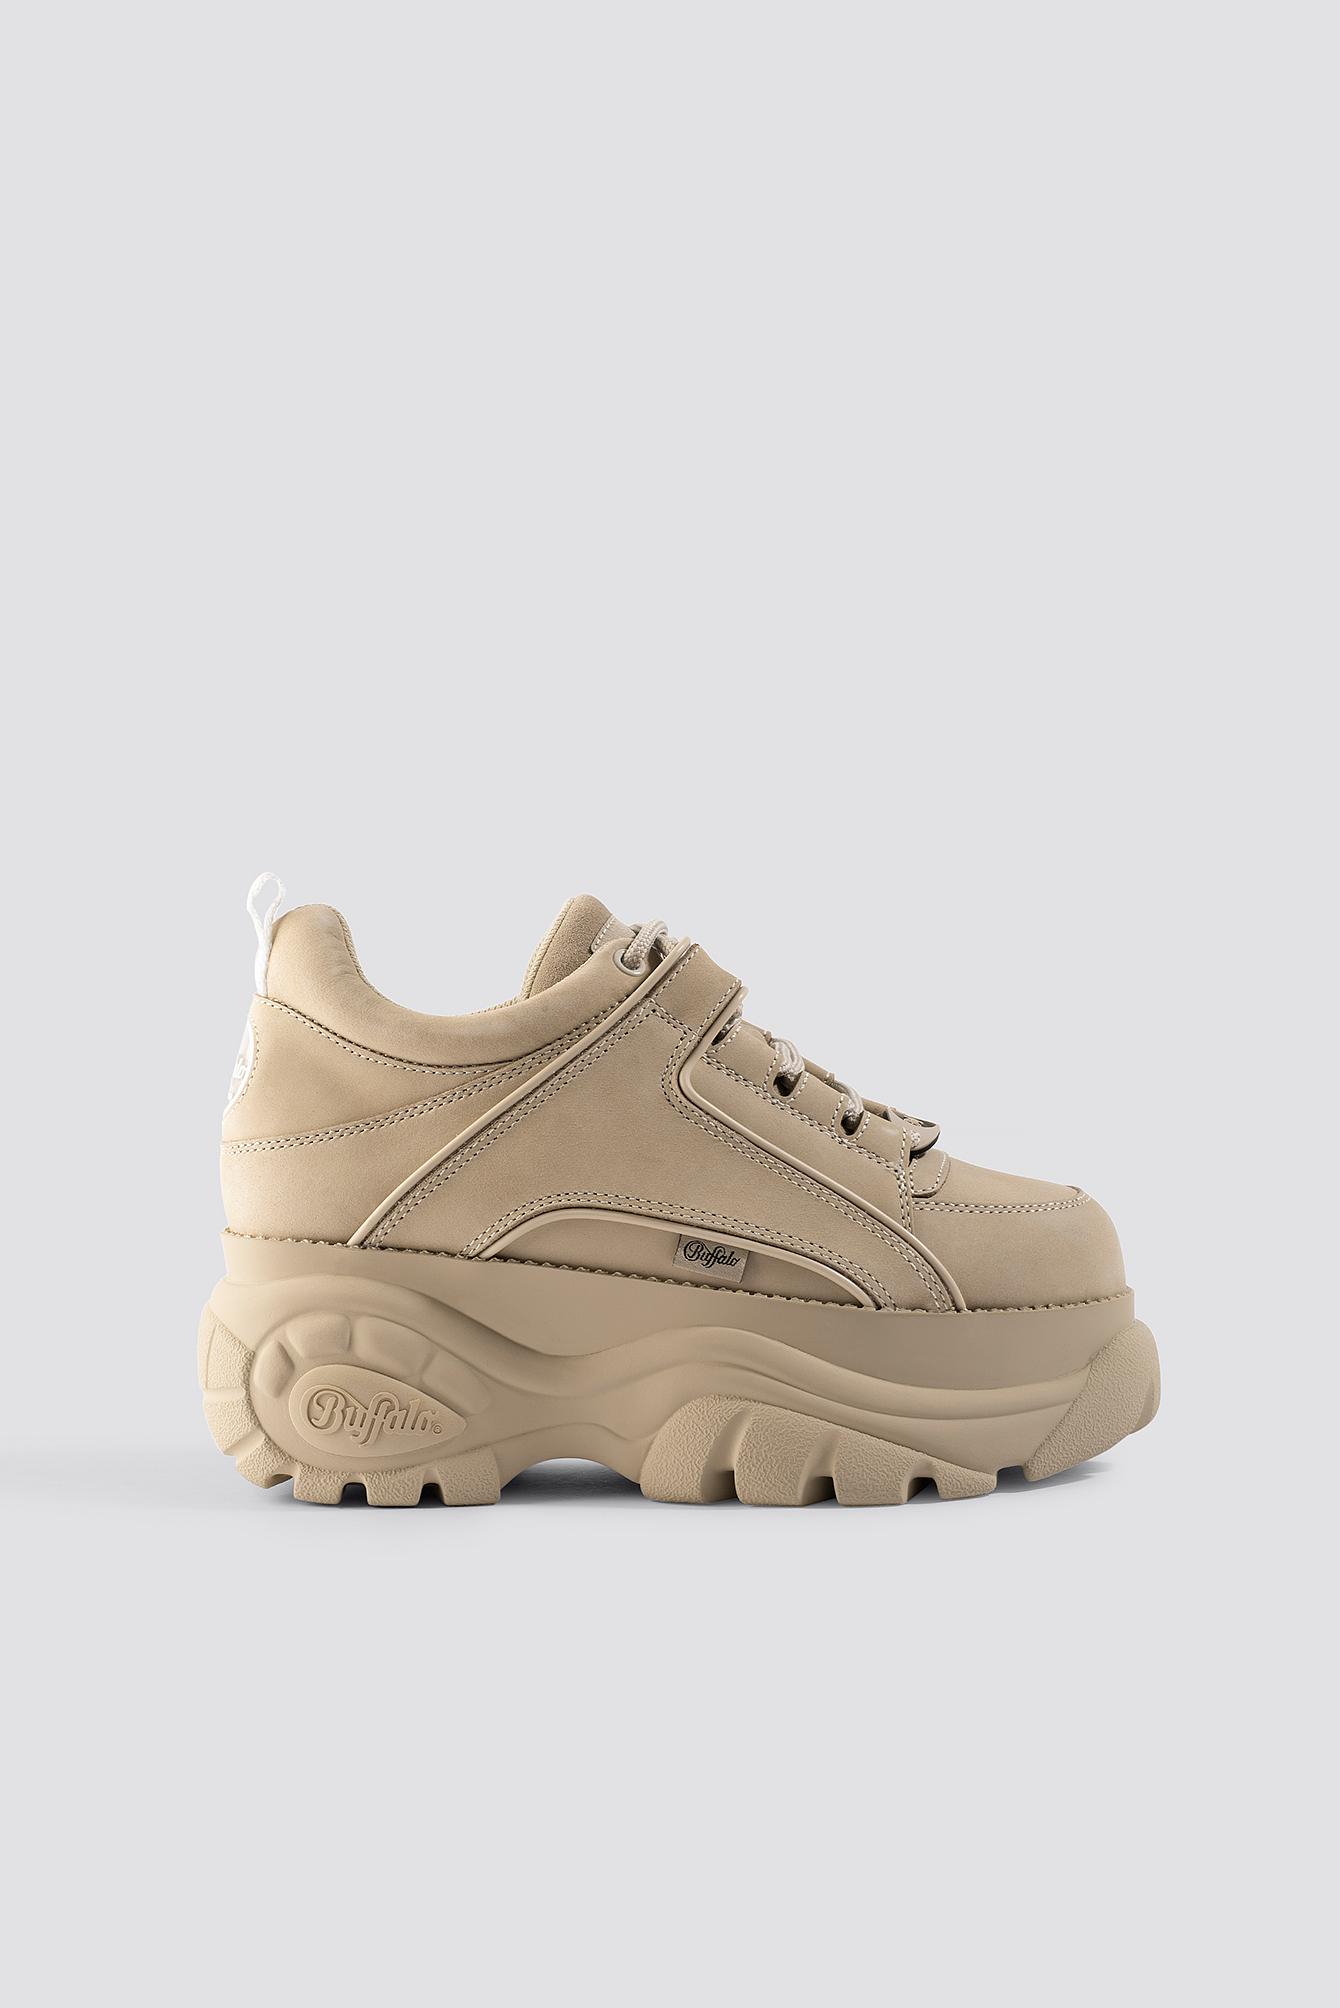 buffalo -  1339-14 Sneaker - Beige